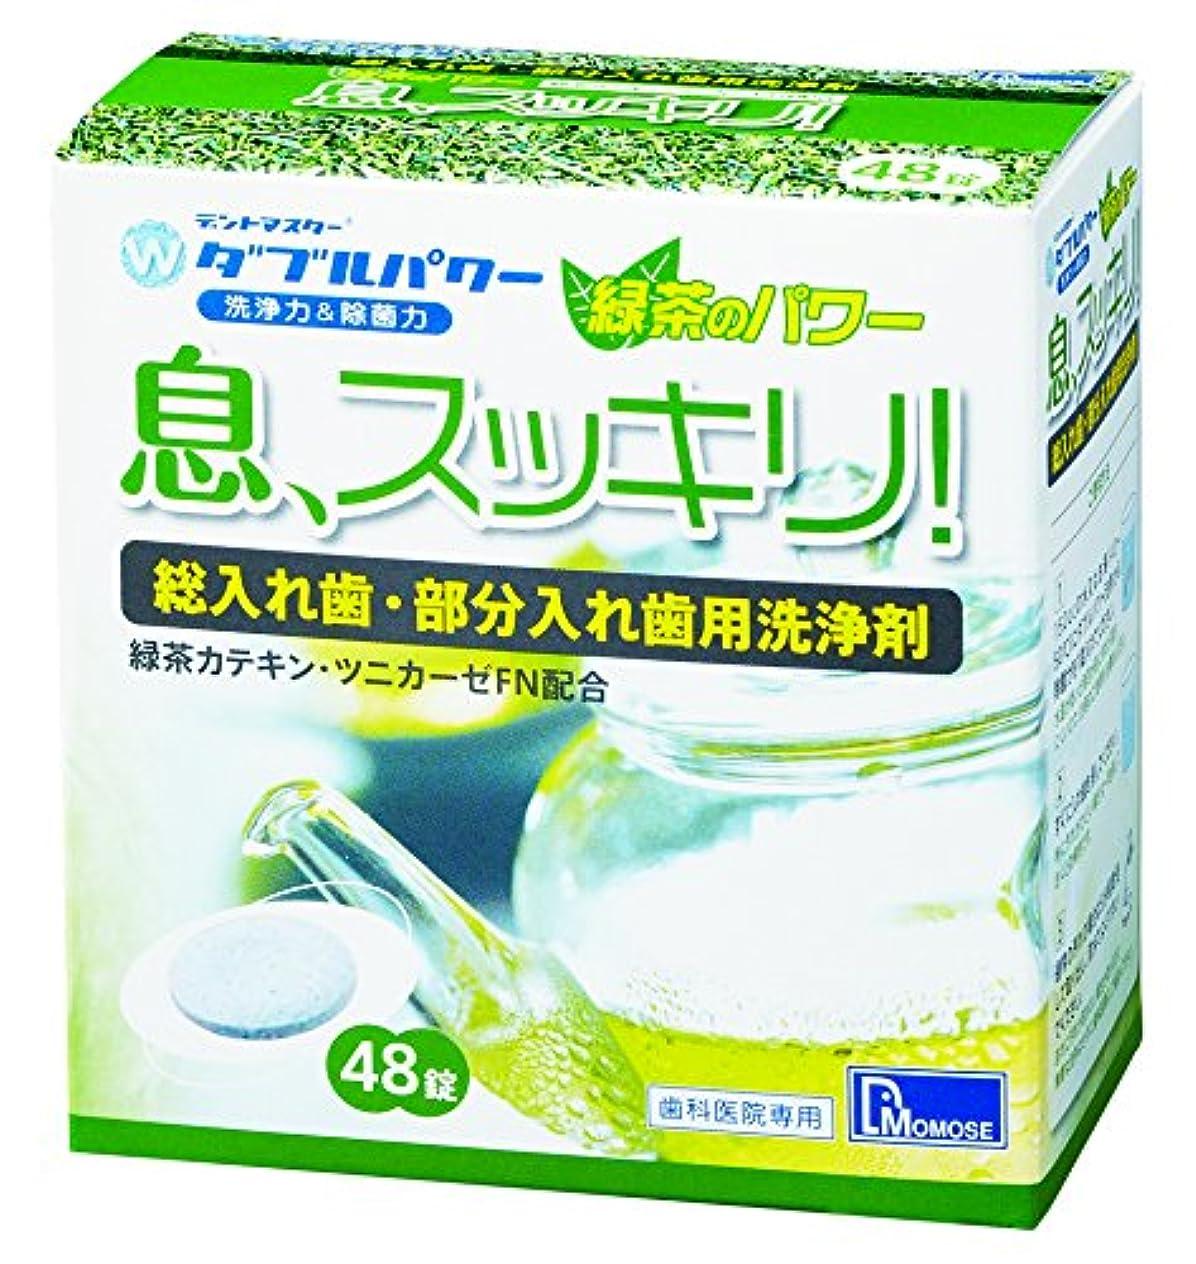 ドラッグ主導権準拠入れ歯洗浄剤(息、スッキリ!) 1箱(48錠入) 48錠入り /8-6839-01